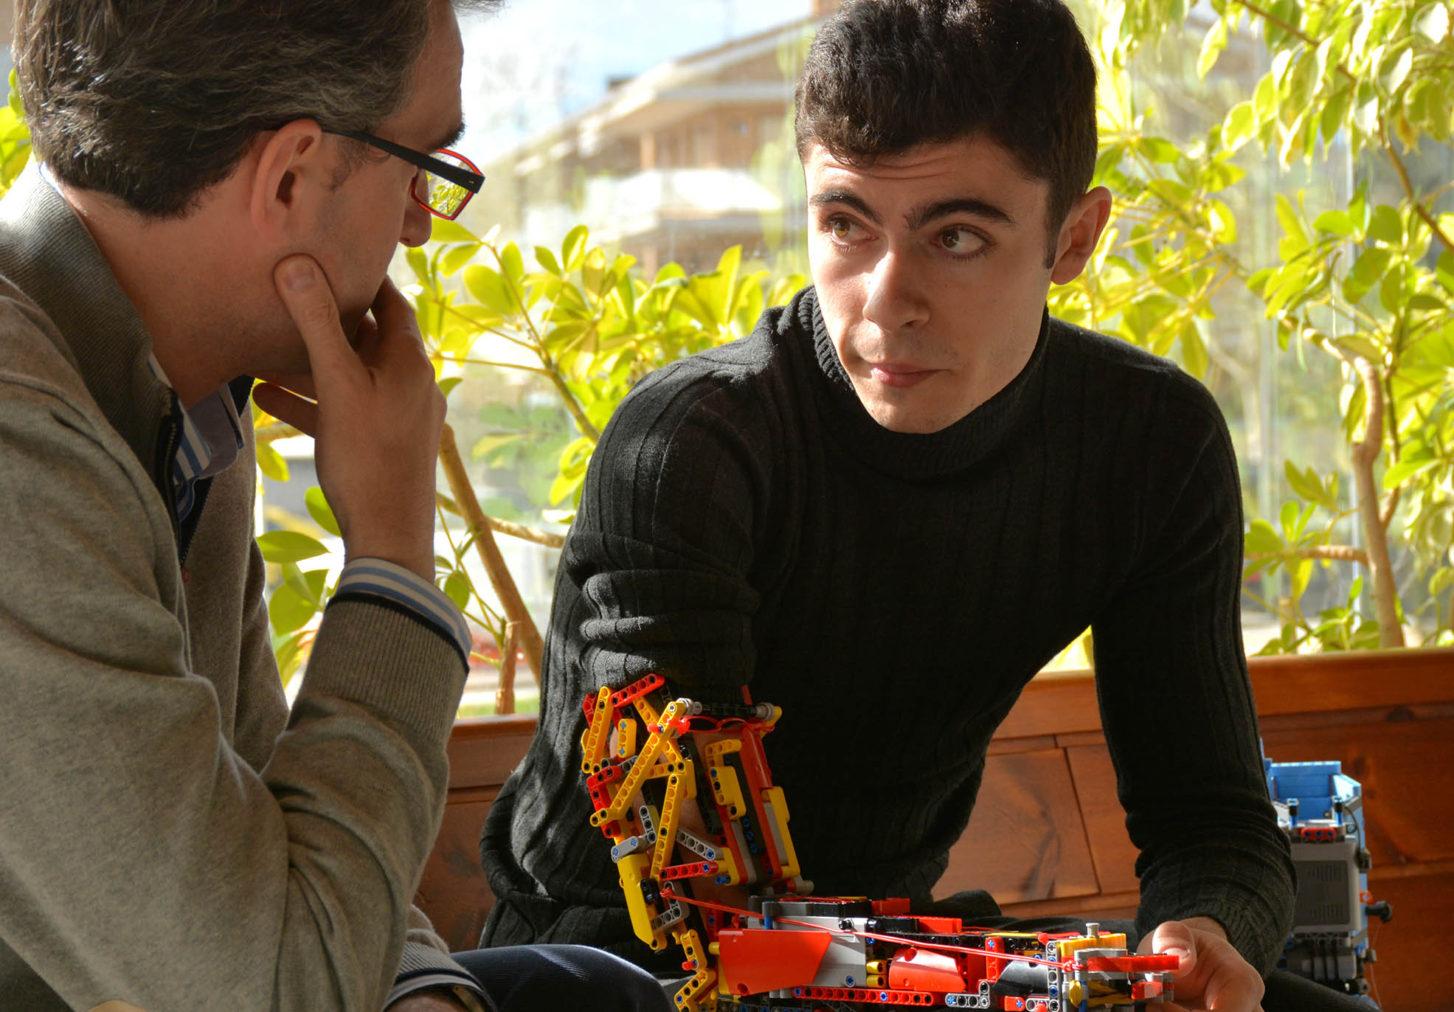 Vídeo: Joven talento fabrica sus prótesis de brazo con piezas de Lego